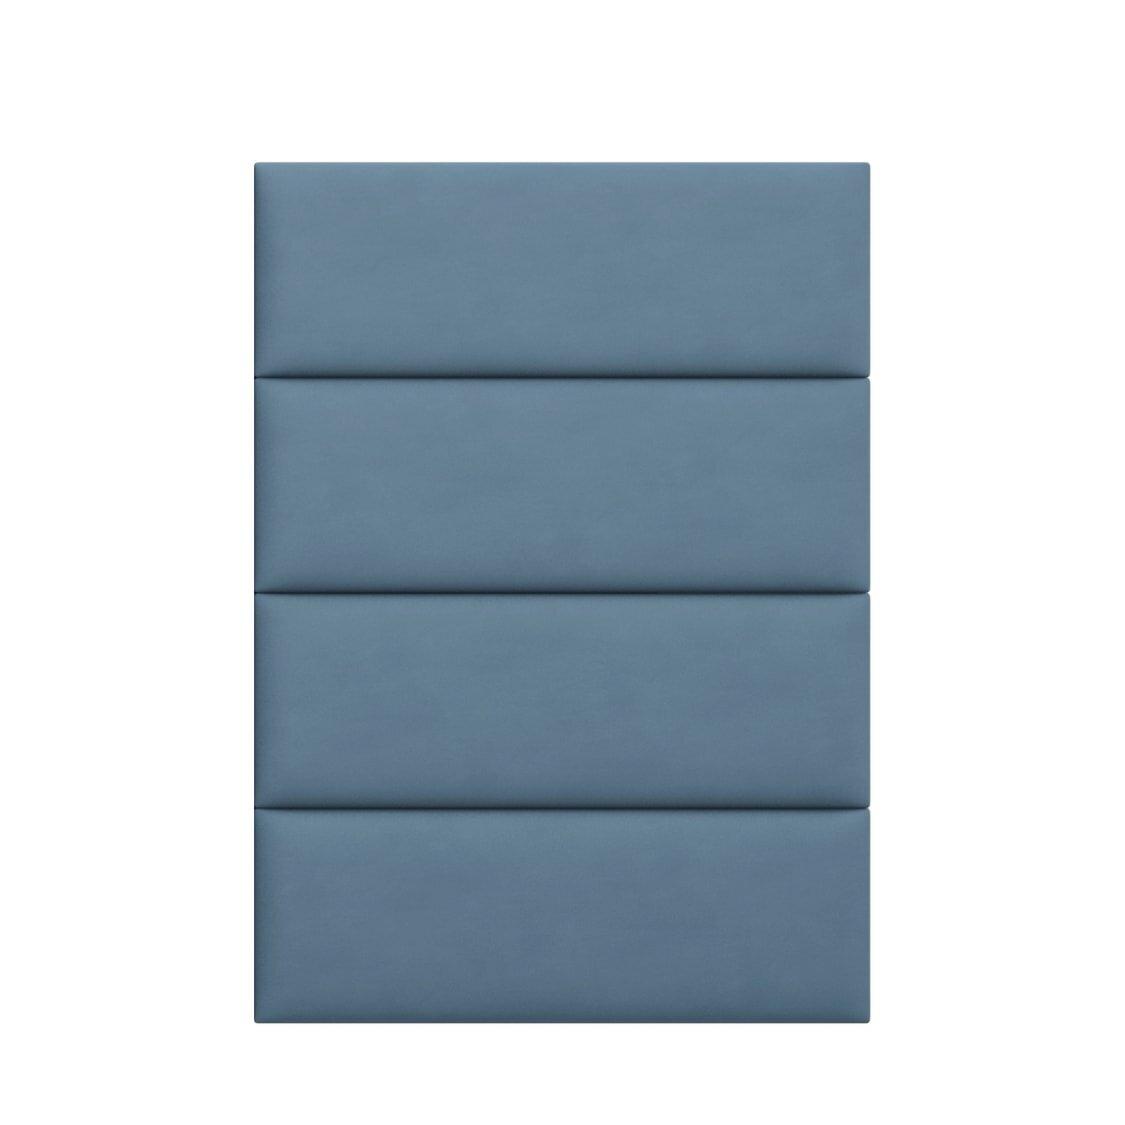 Vant Panels SAMPLE - Microsuede Wall Paneling in Ocean Blue | Wayfair